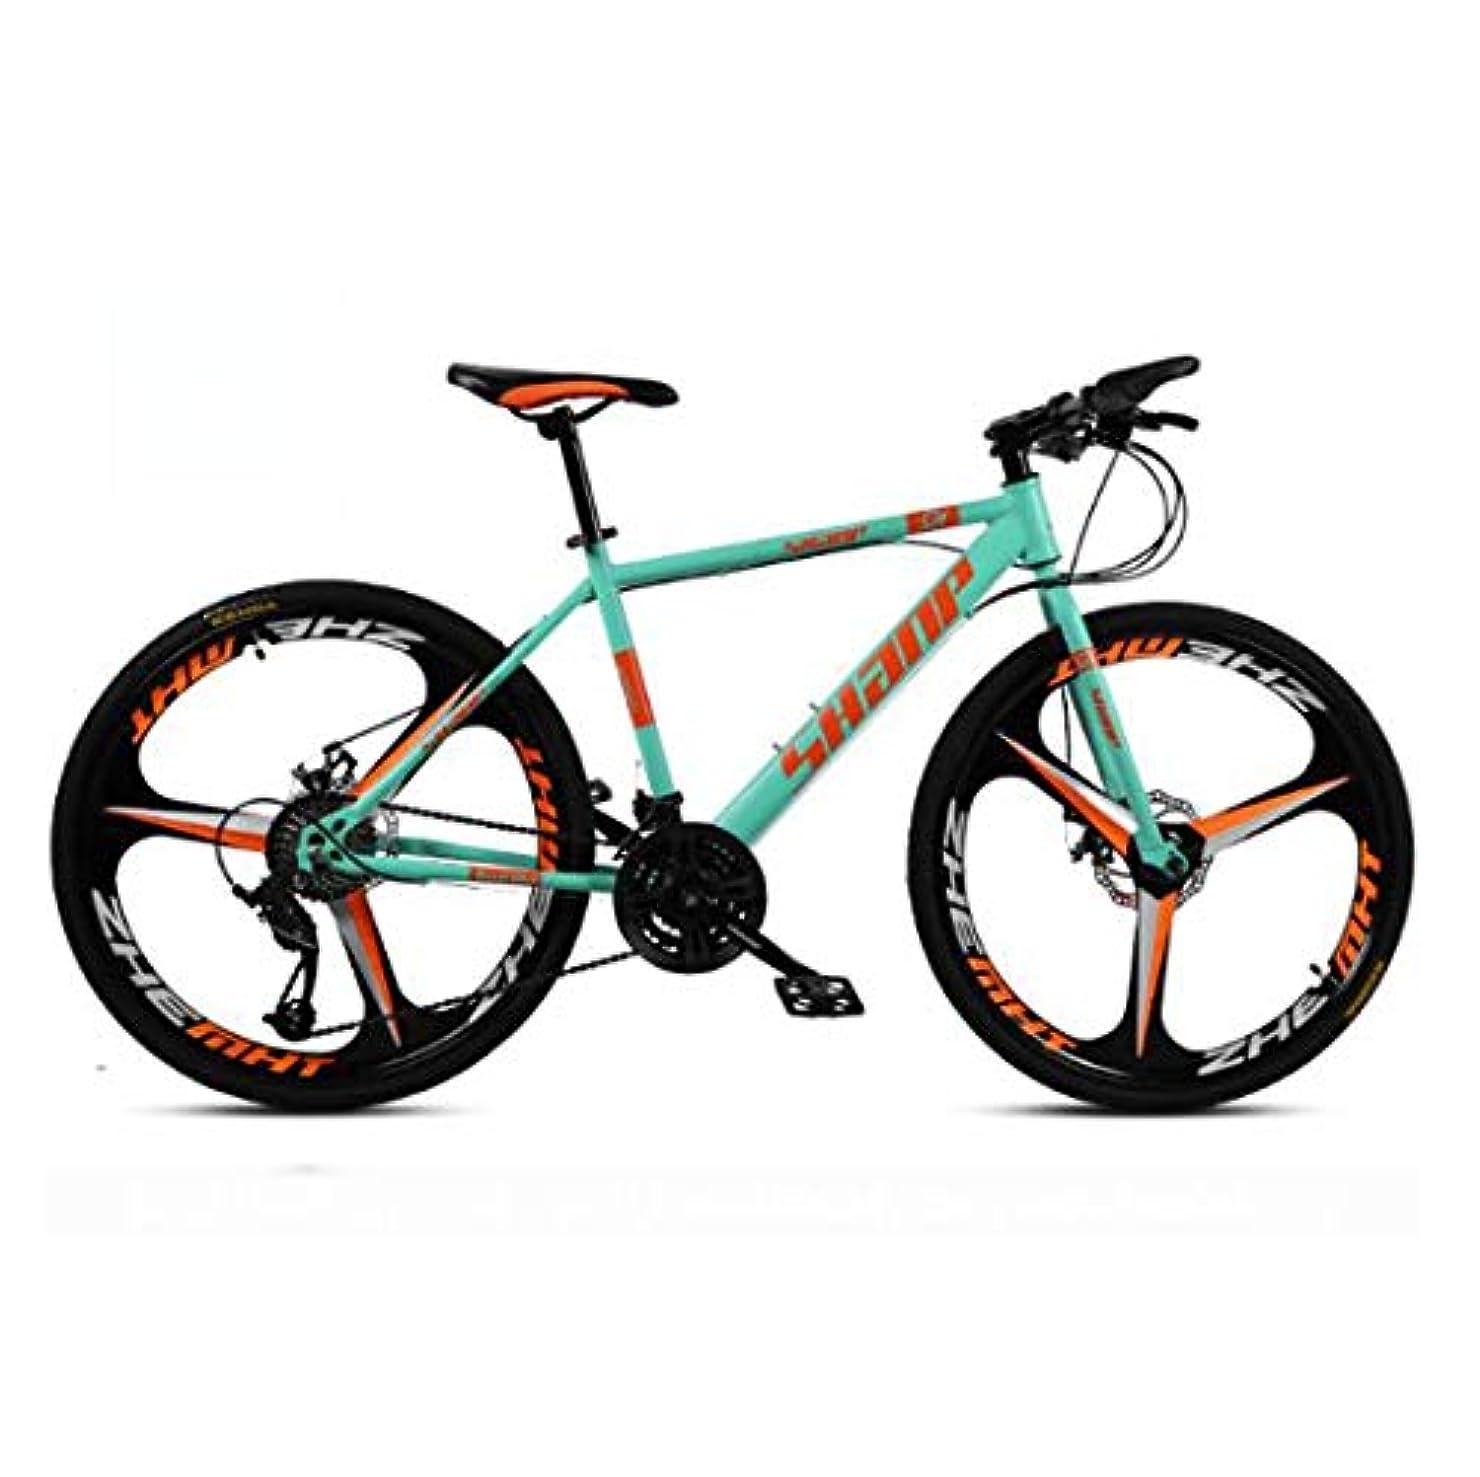 クレーンダイバー歯痛61.5インチのマウンテンバイク21スピード/ 24速度/ 27速度/ 30スピードマウンテンバイク24インチホイール自転車、ブラック、ホワイト、レッド、イエロー、グリーン,D1,21